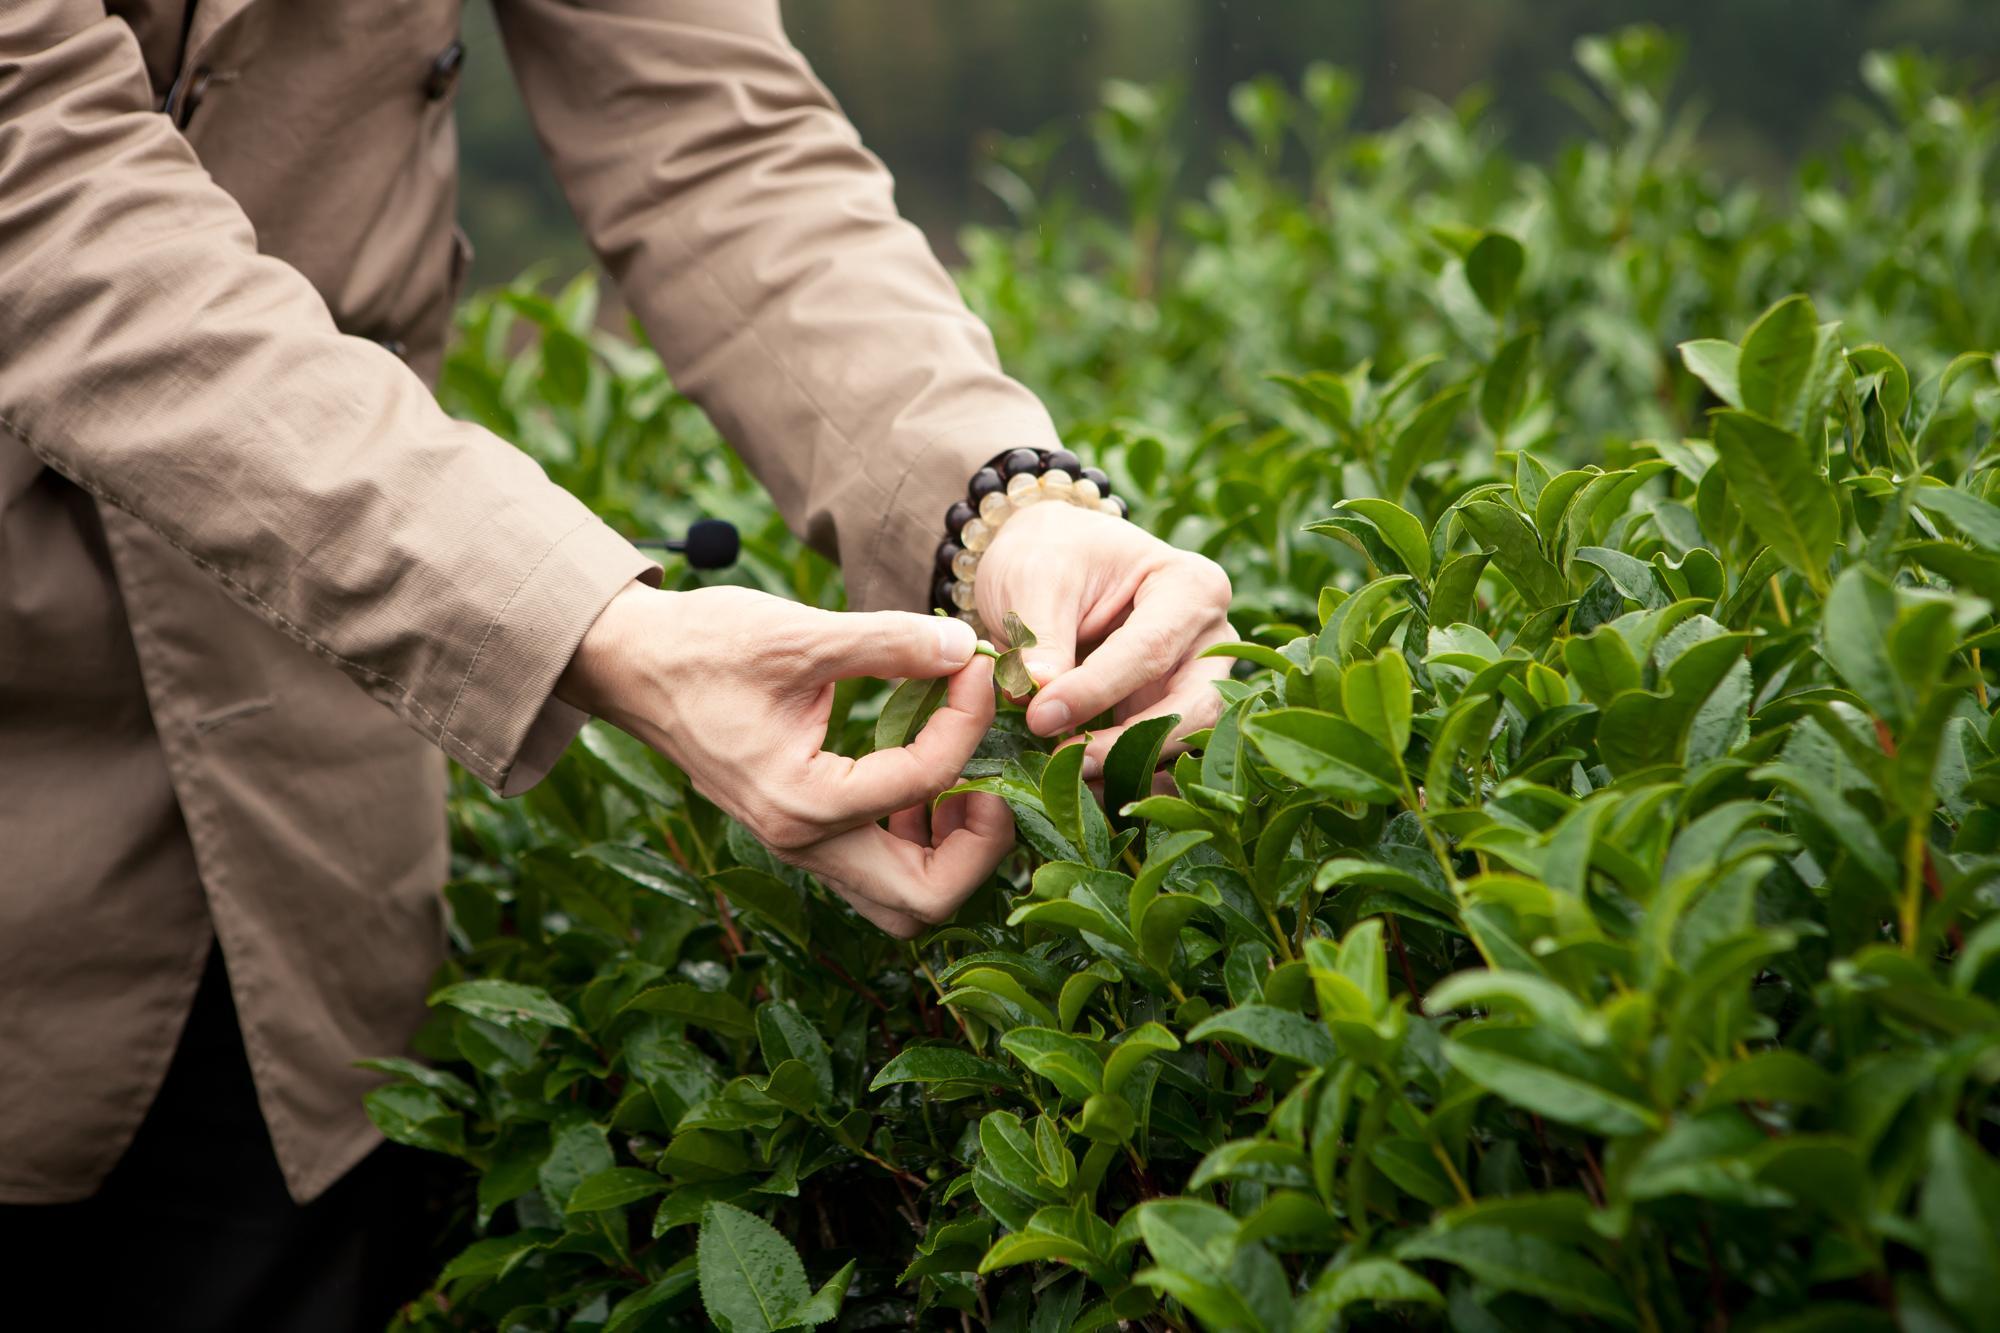 お湯を落とすと溢れ出てくる中国茶の世界をご堪能下さい。